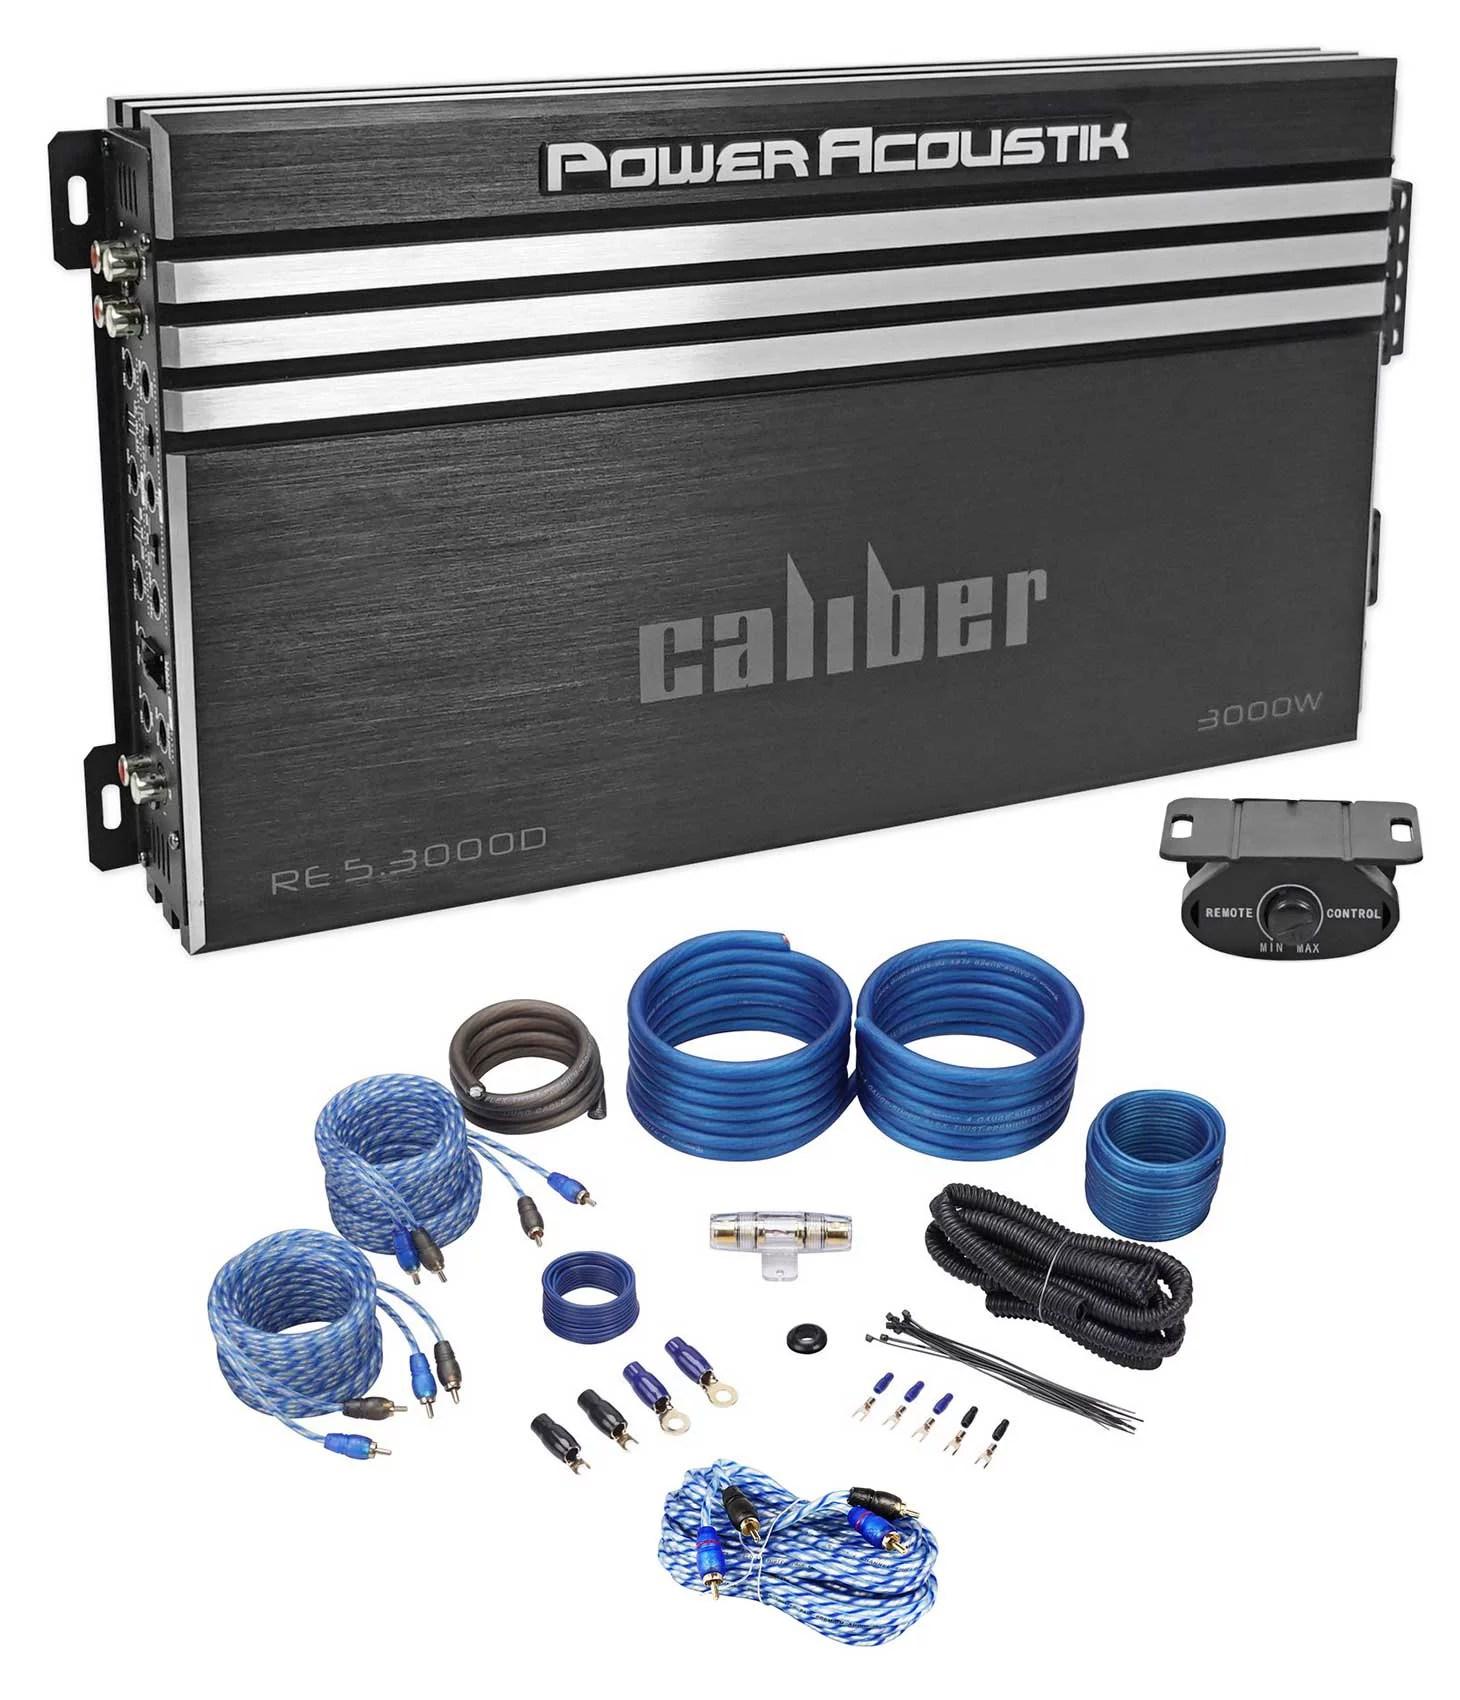 power acoustik re5 3000d 3000w 5 channel car audio amplifier class a power acoustik akit8 amplifier wiring kit 8gauge walmartcom [ 1460 x 1700 Pixel ]